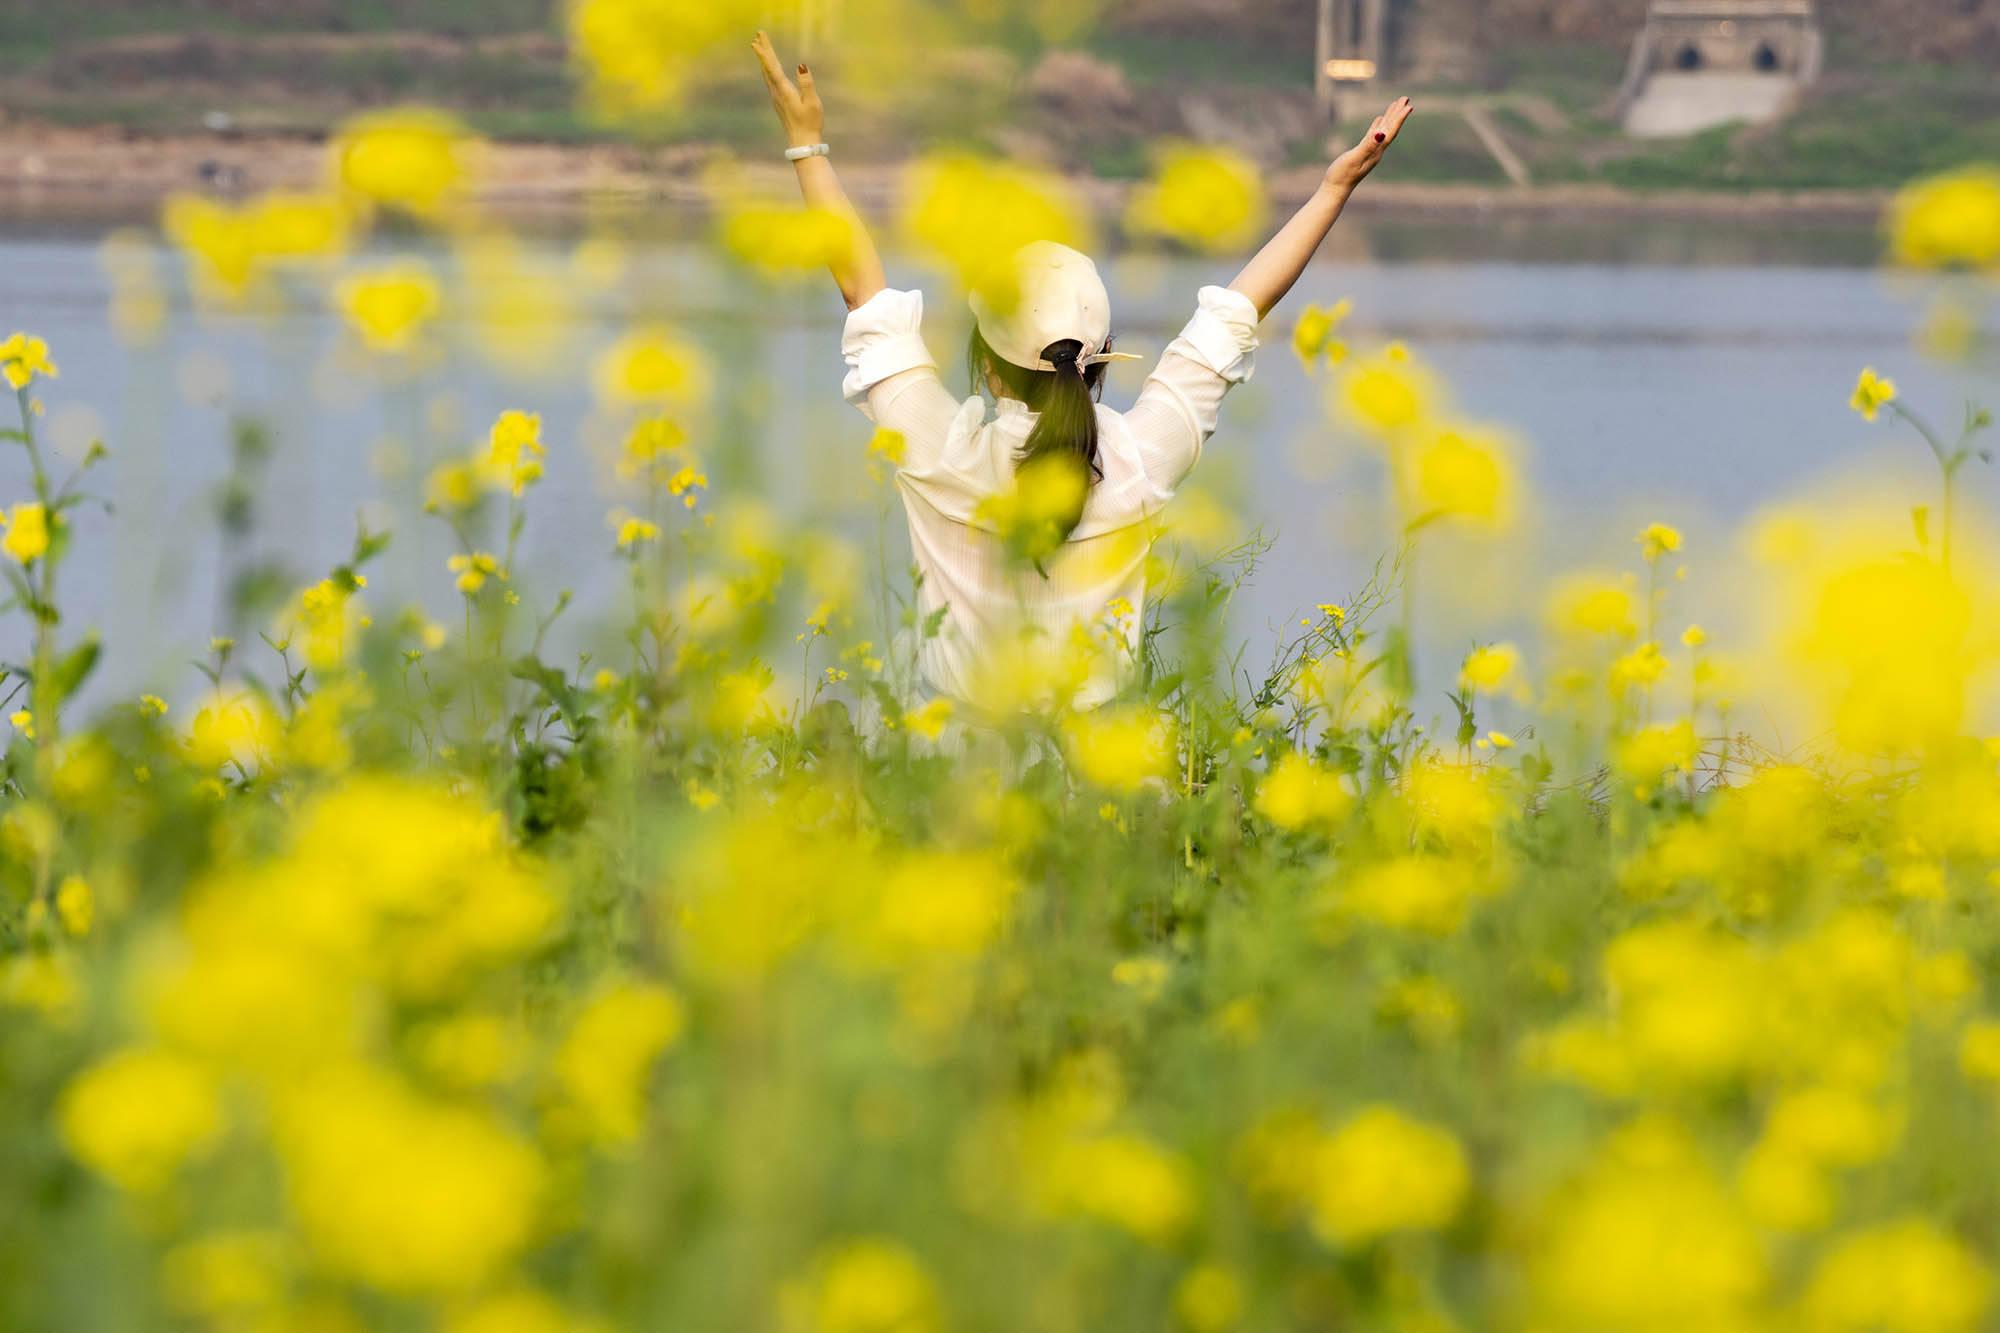 湘江藏的这座小岛 送你一岛小黄fa